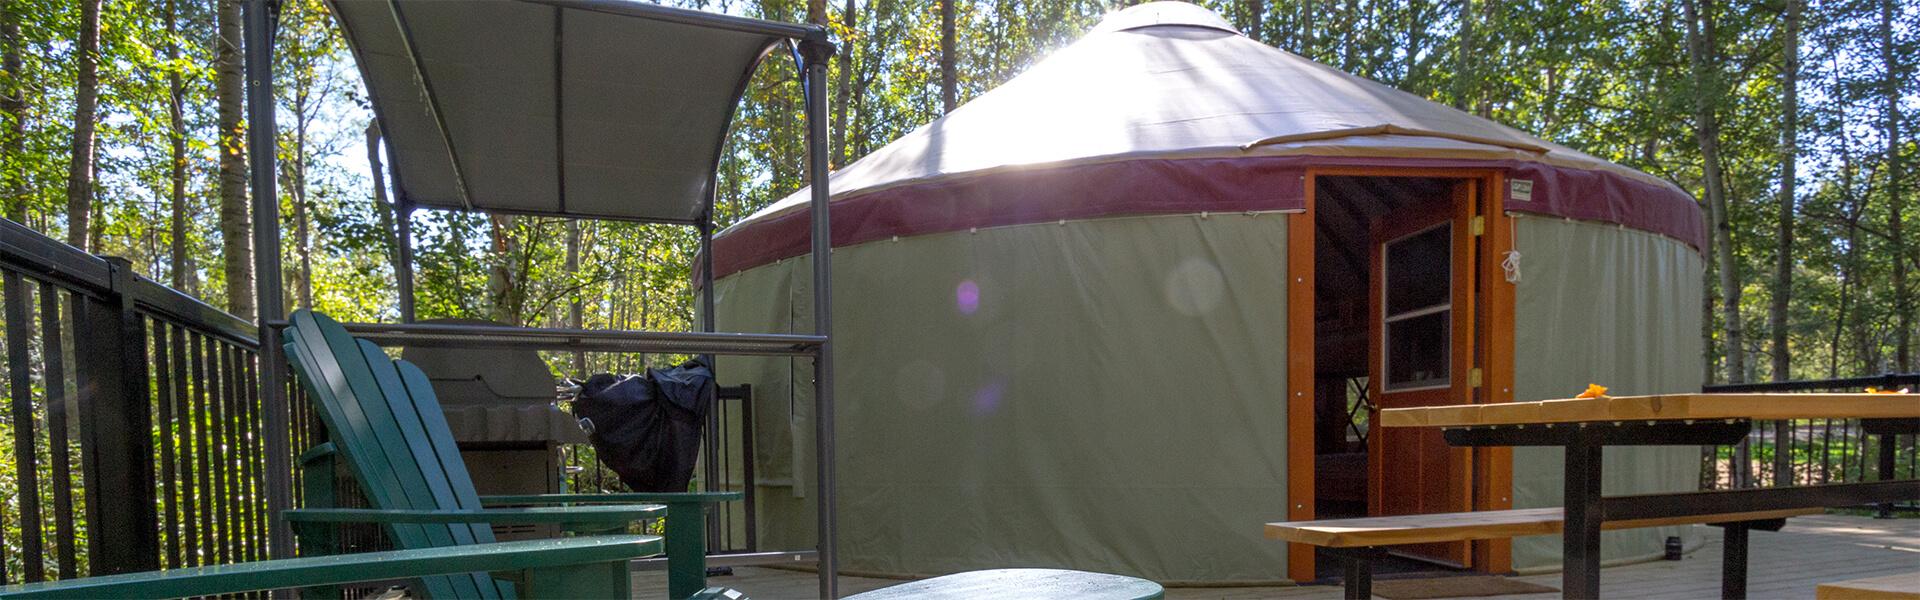 Comfort Camping Pigeon Lake Pp Alberta Parks